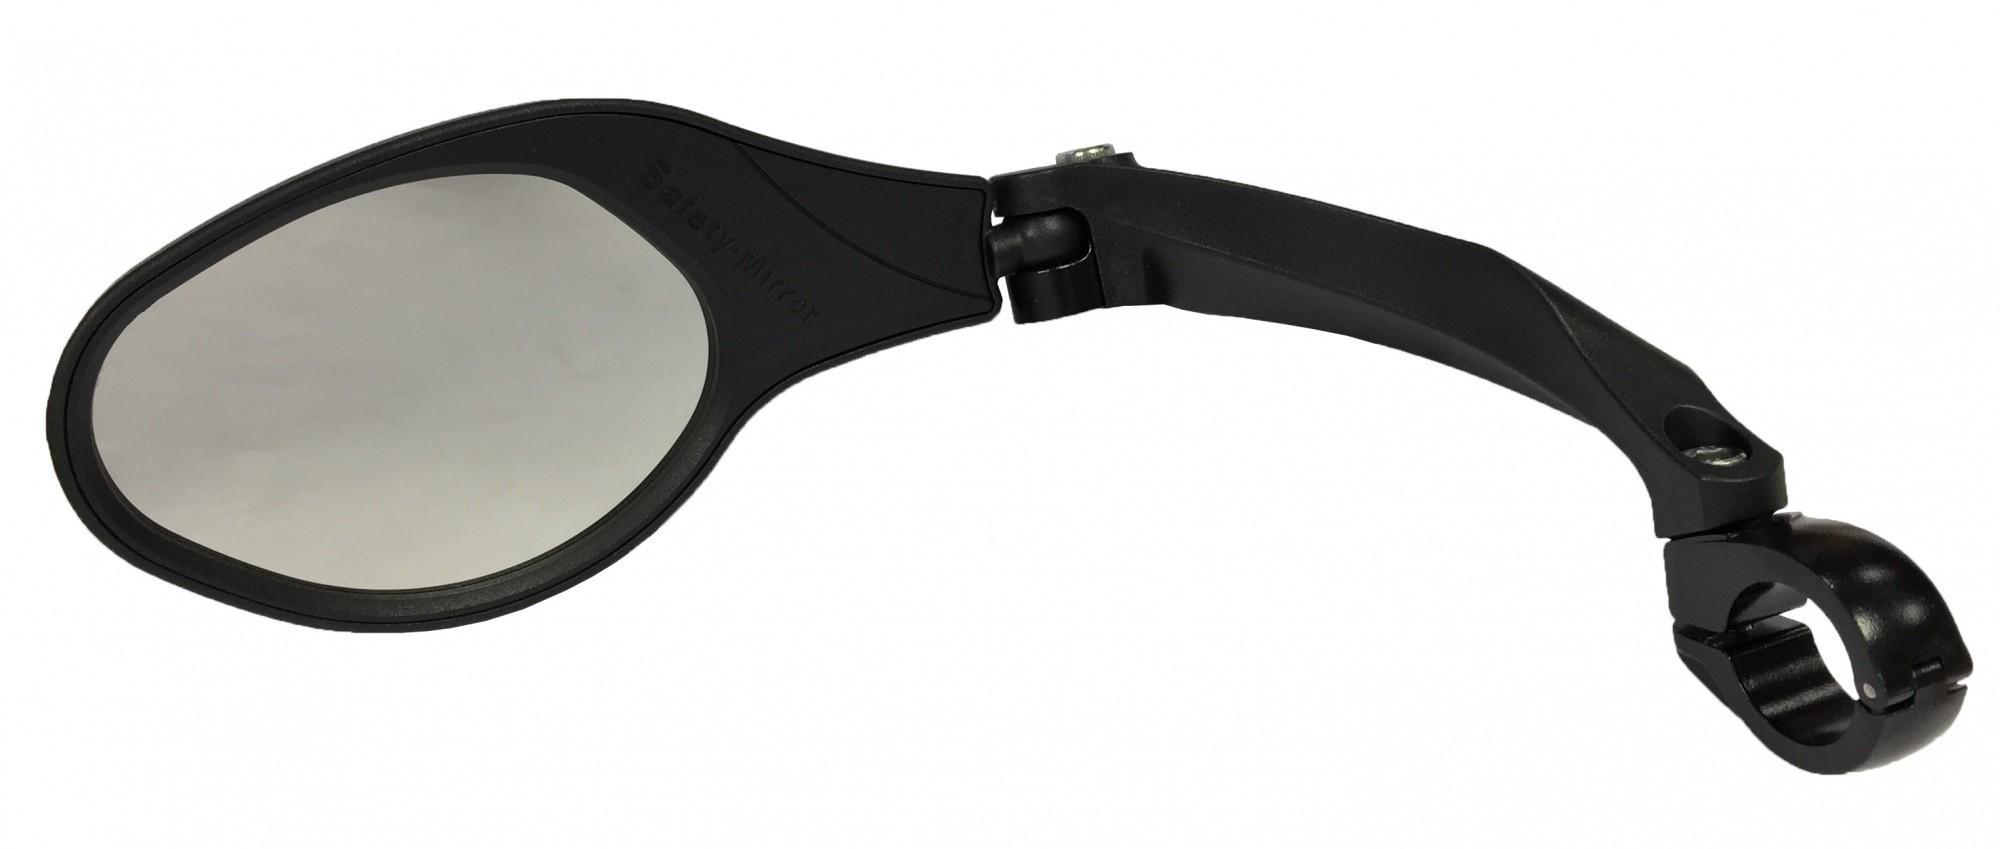 Mirage Stuurspiegel links GR verstelbaar / draaibaar zwart